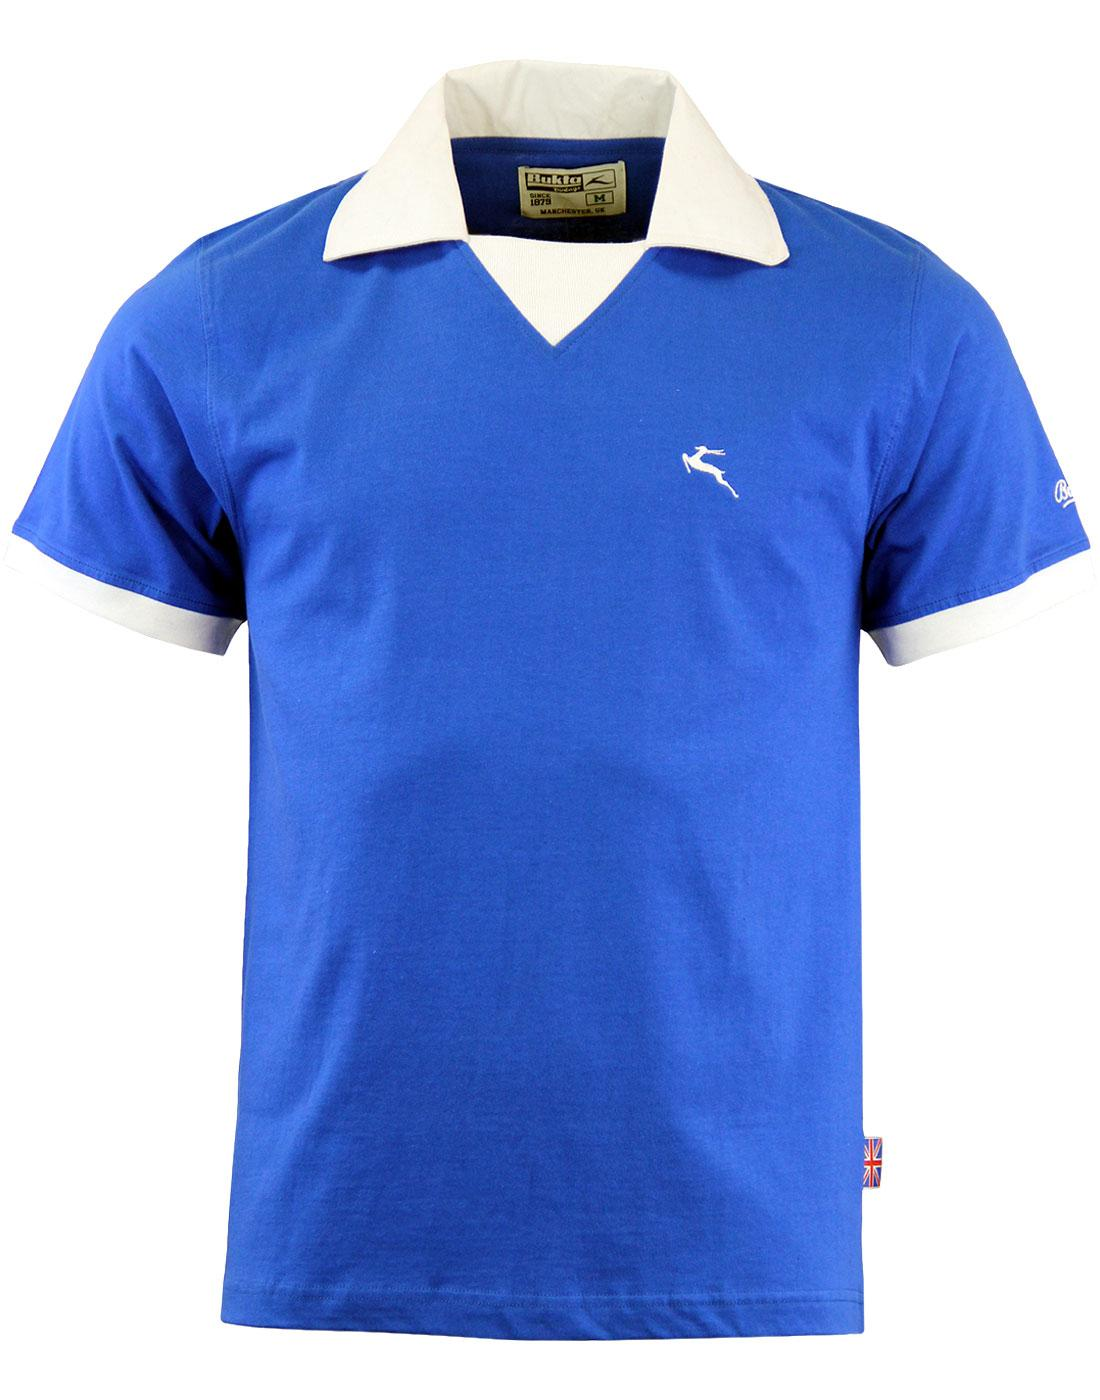 'Portland' -Bukta Vintage Retro Football Shirt (B)